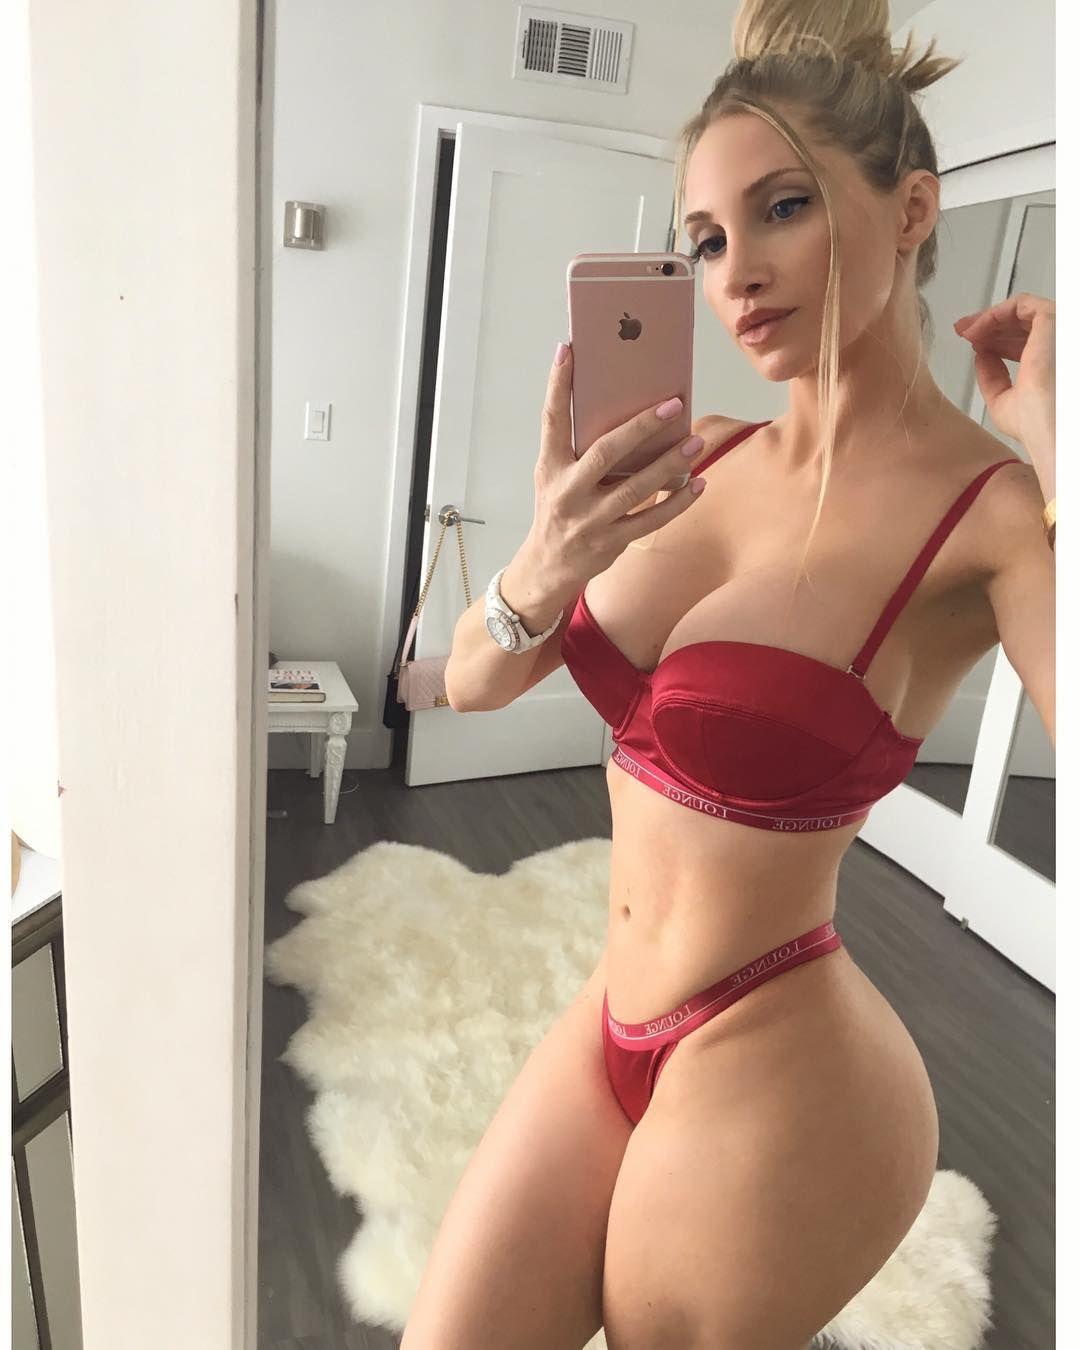 Feet Lucy Hale nude photos 2019